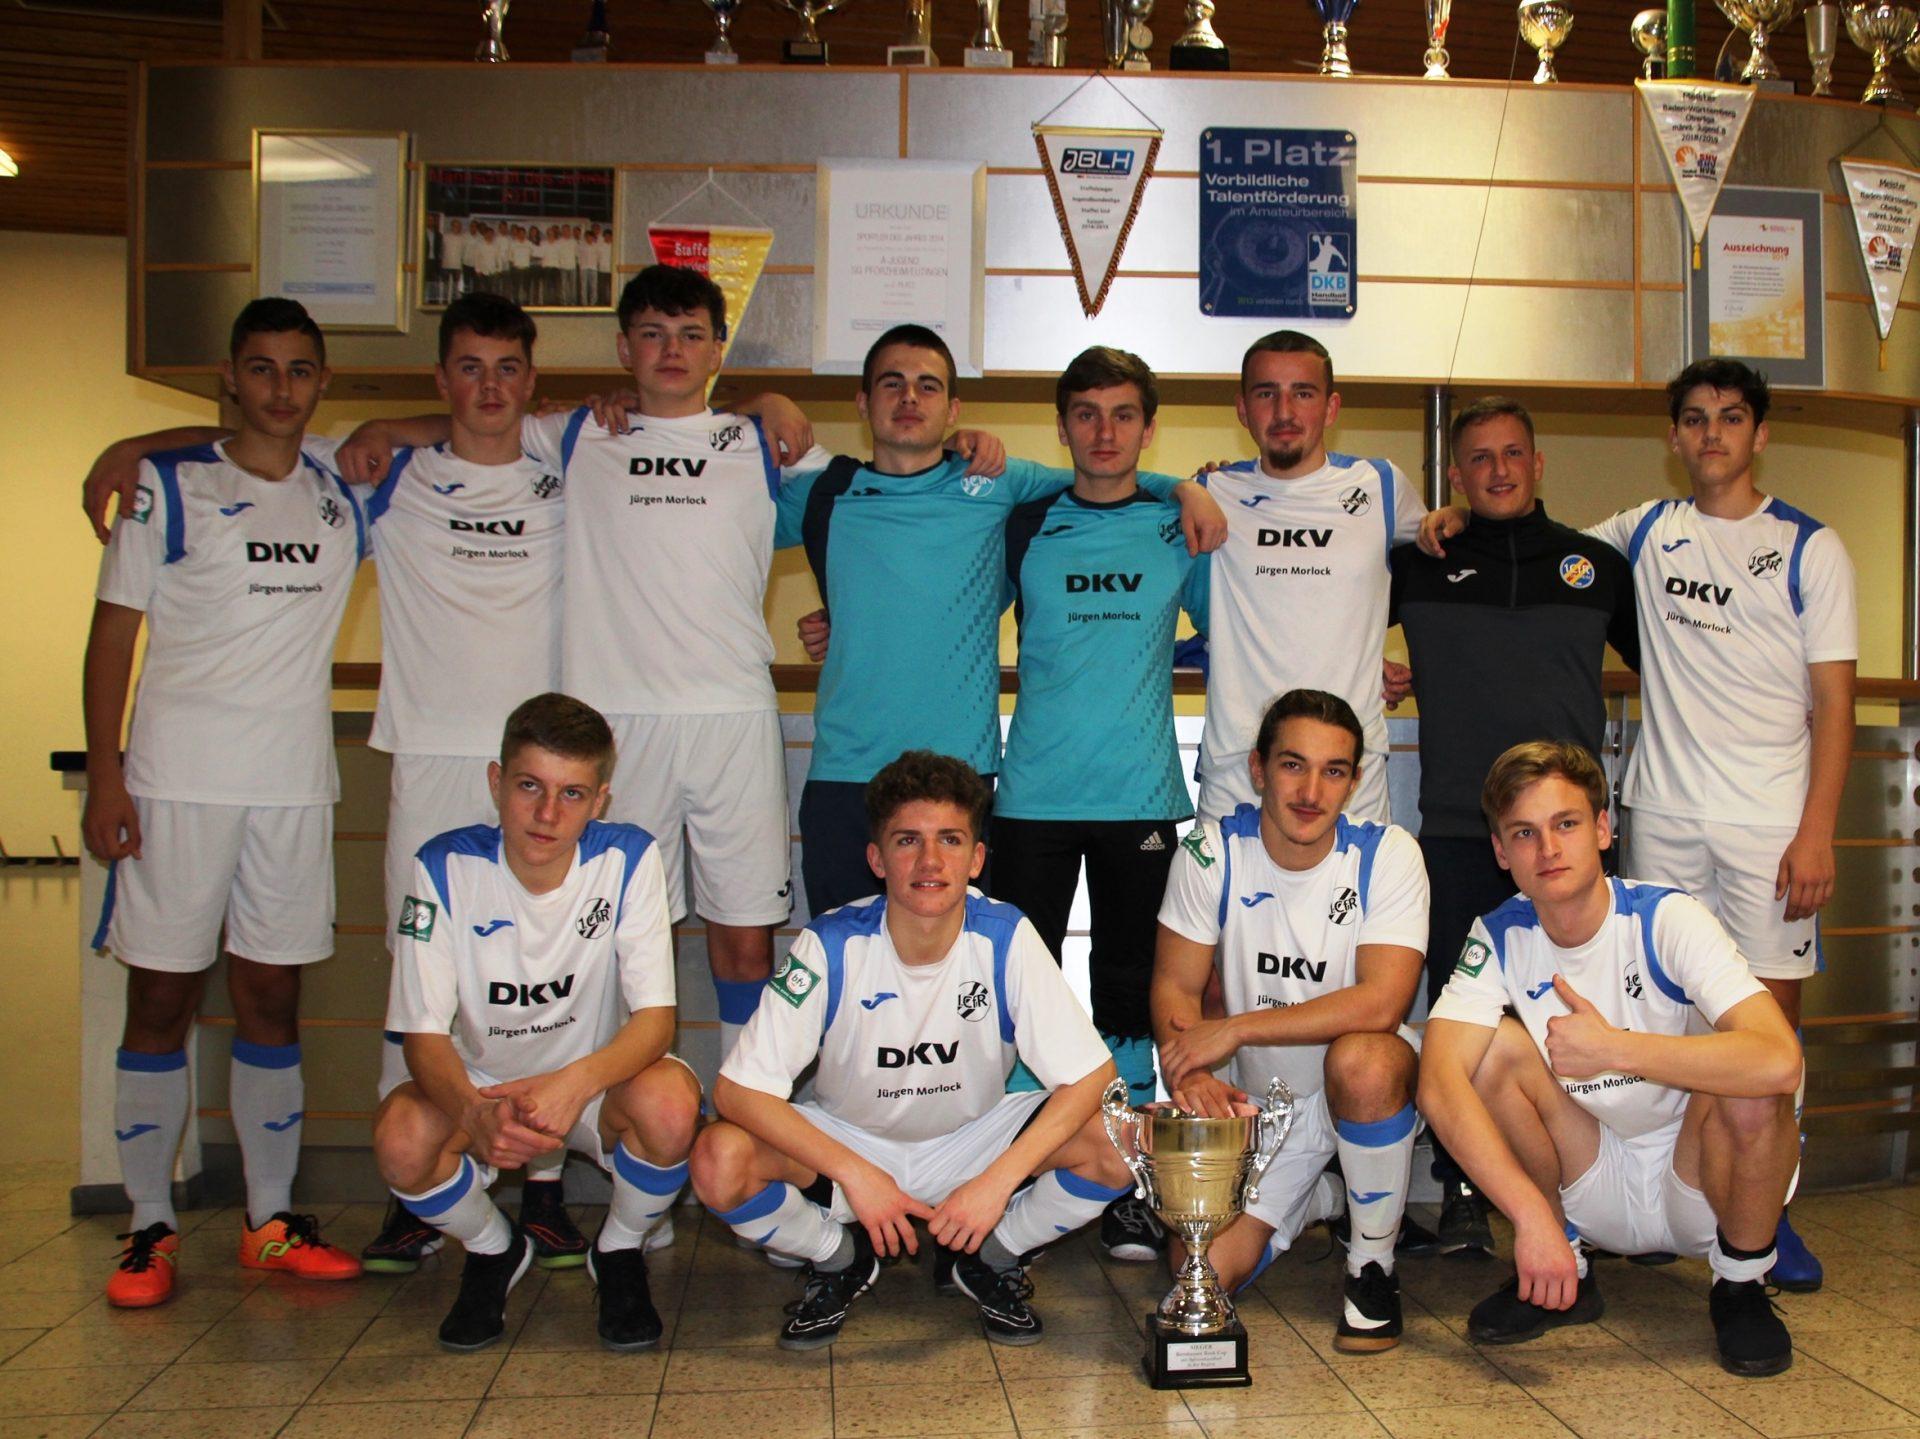 U17 Hallenkreismeisterschaft: Ohne Gegentor durch Runde 1